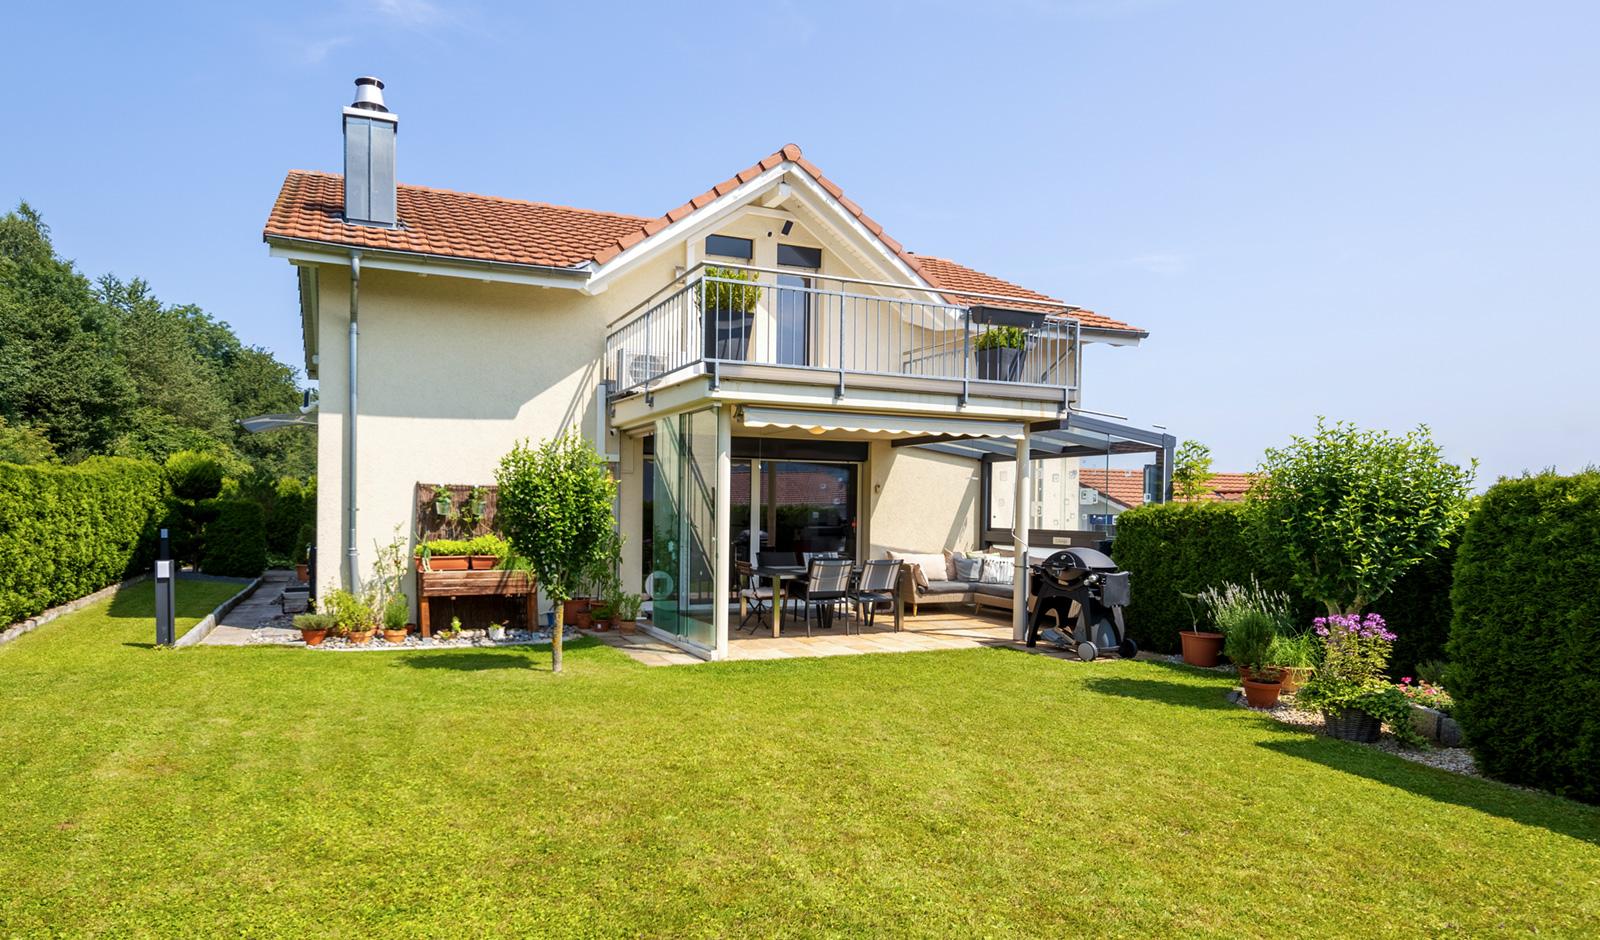 Einfamilienhaus mit Garten in Luzern